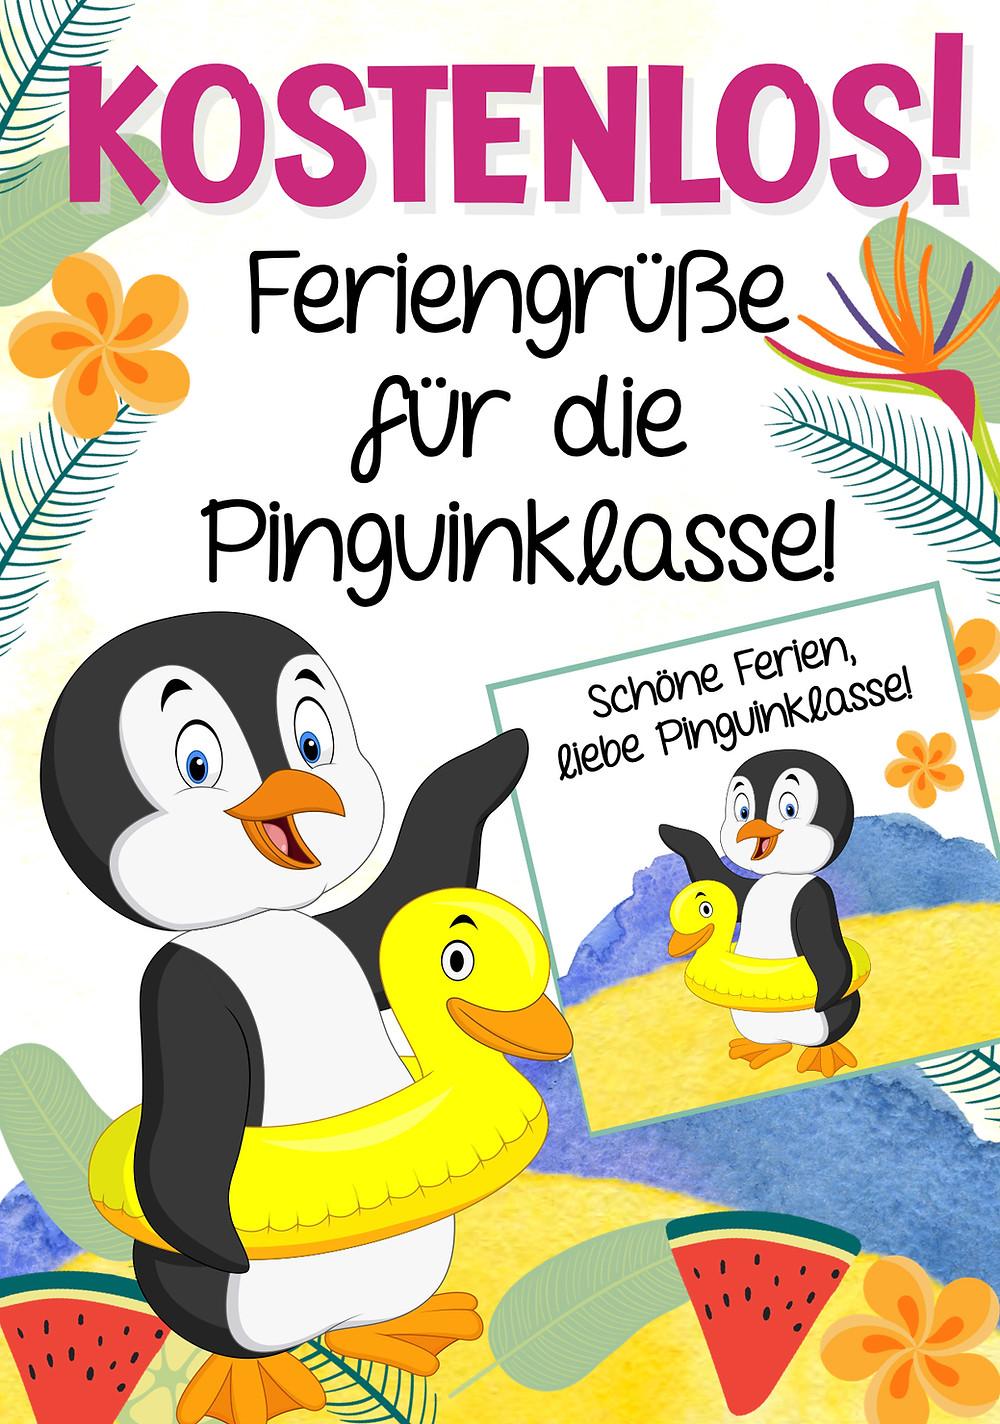 Feriengrüße für die Pinguinklasse in der Grundschule kostenlos